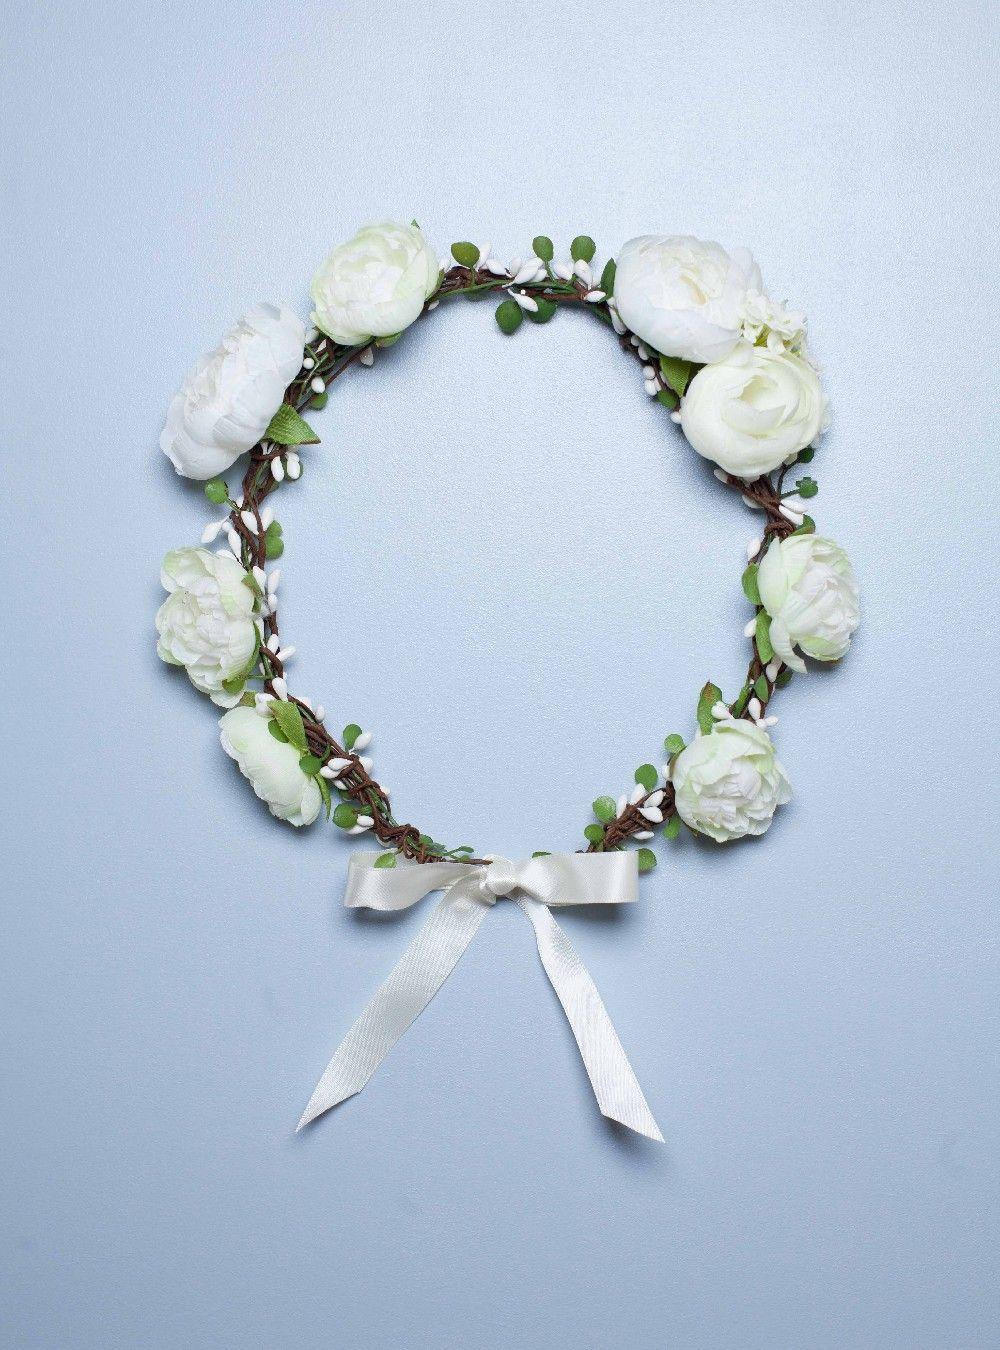 Couronne de fleur blanches pivoines mariage ivoire cassandre english garden couronne pivoine - Couronne fleurs mariee ...